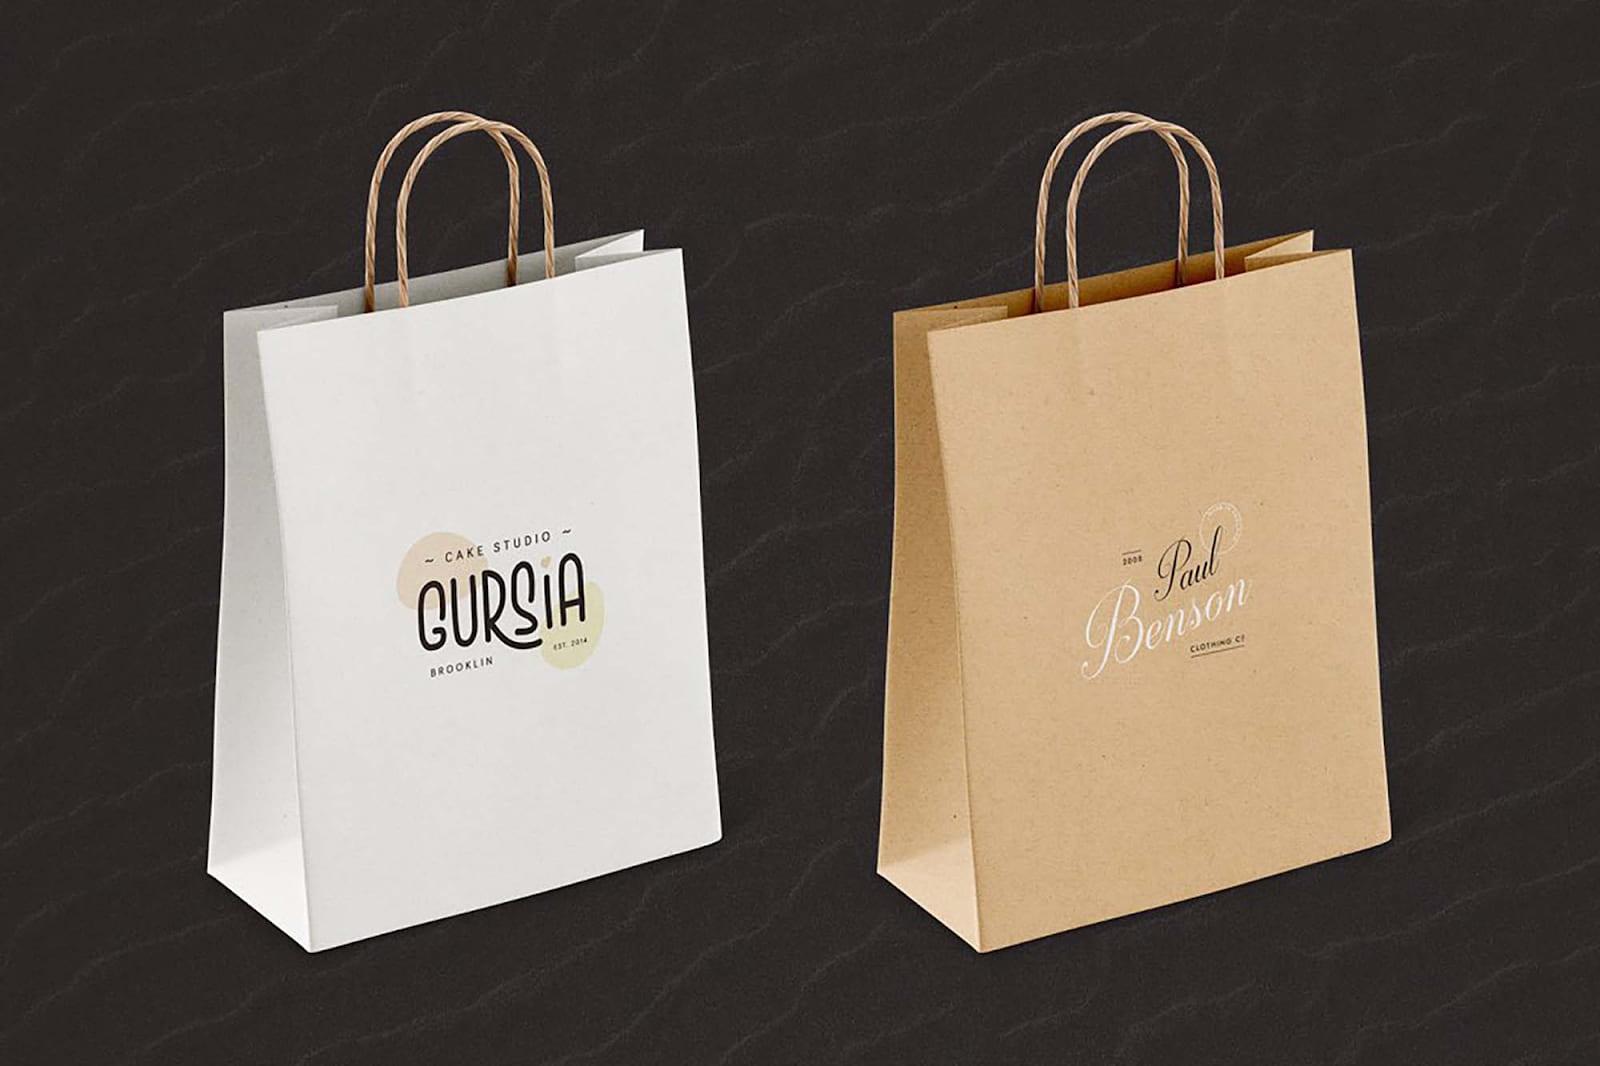 thiết kế túi giấy đựng đơn giản